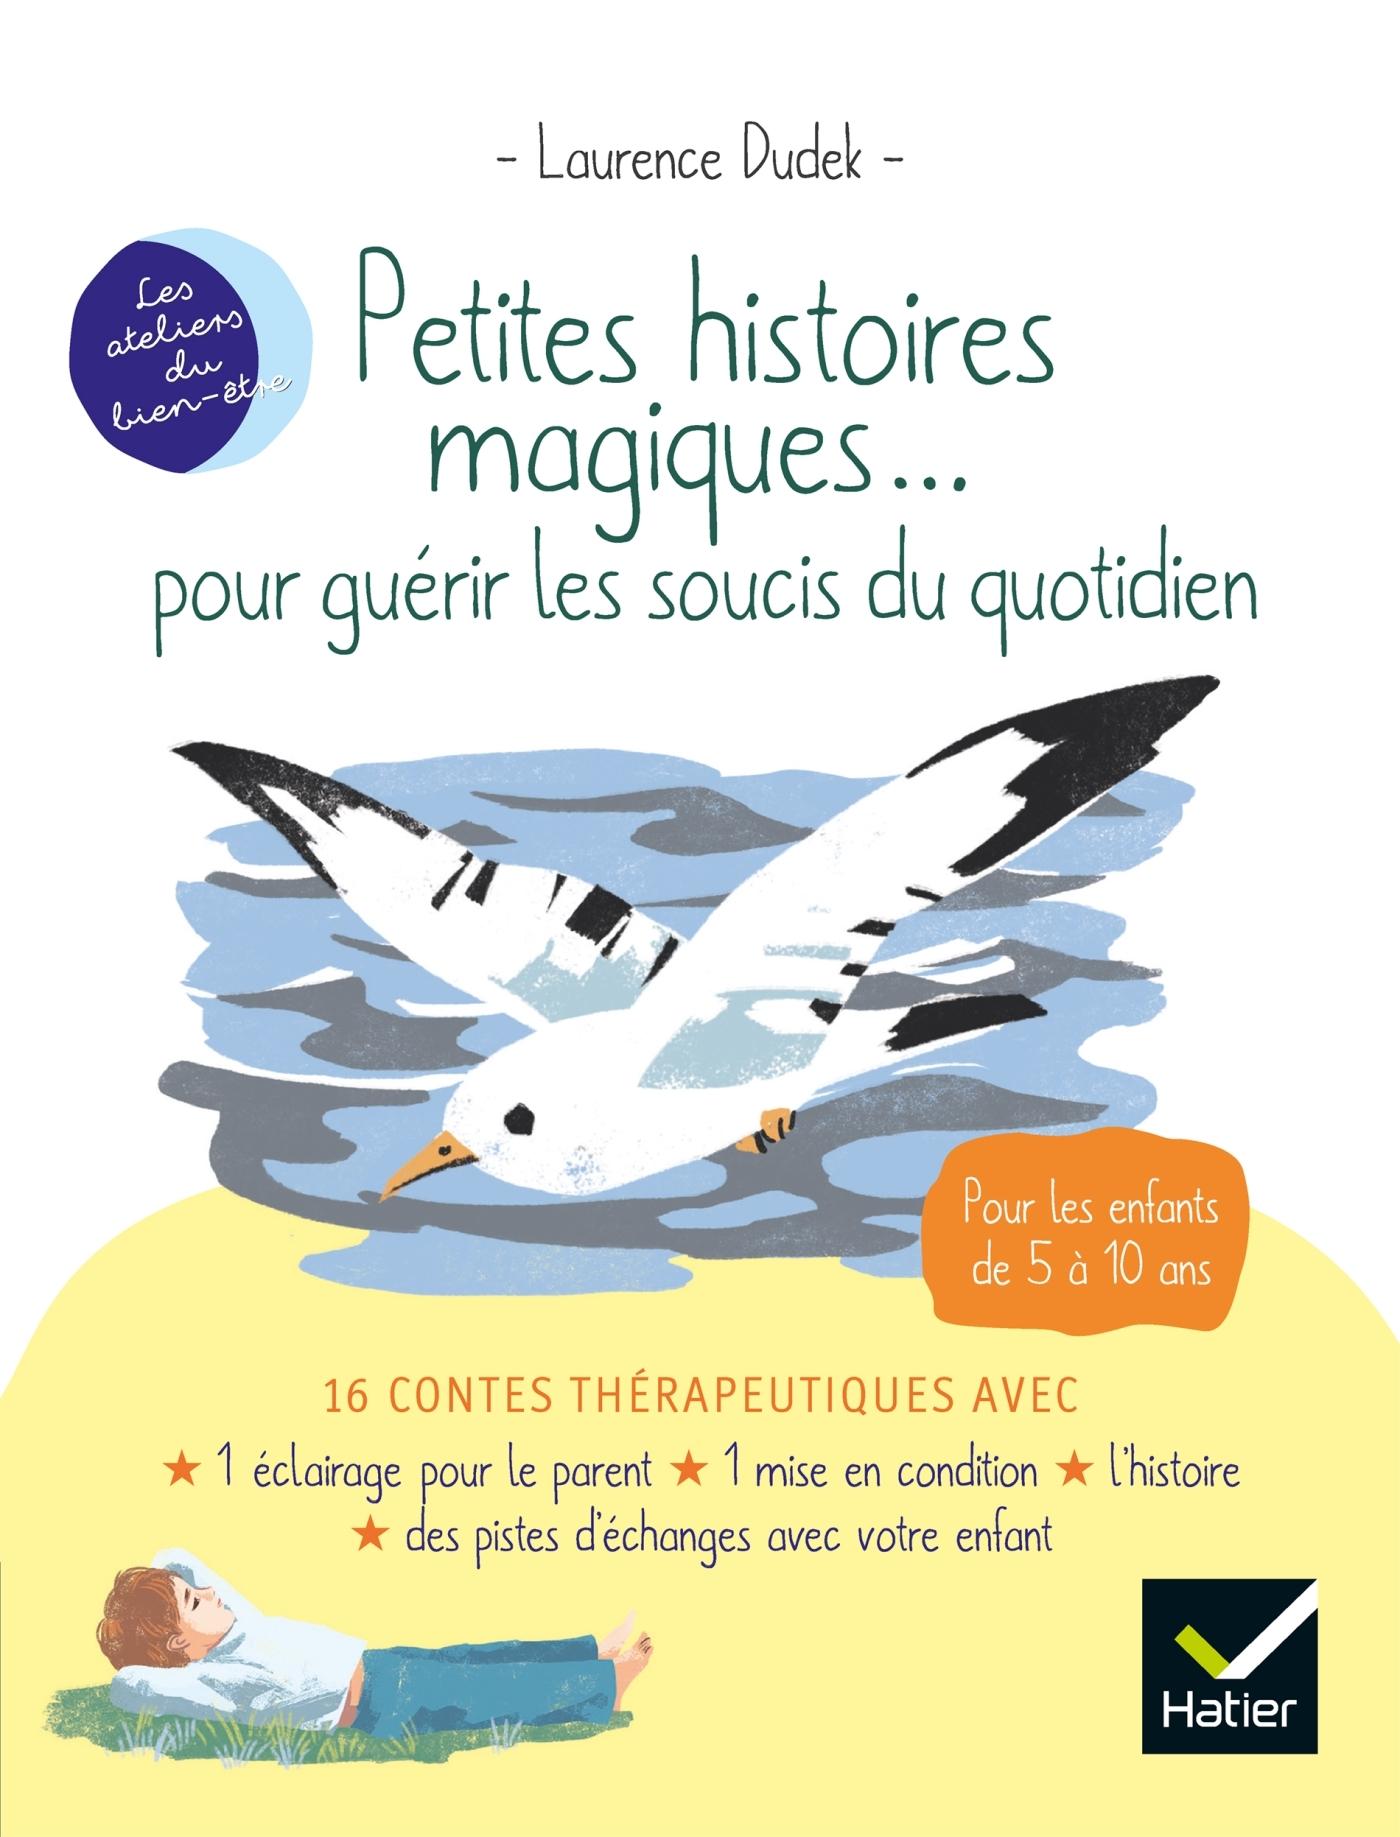 PETITES HISTOIRES MAGIQUES... POUR GUERIR LES SOUCIS DU QUOTIDIEN